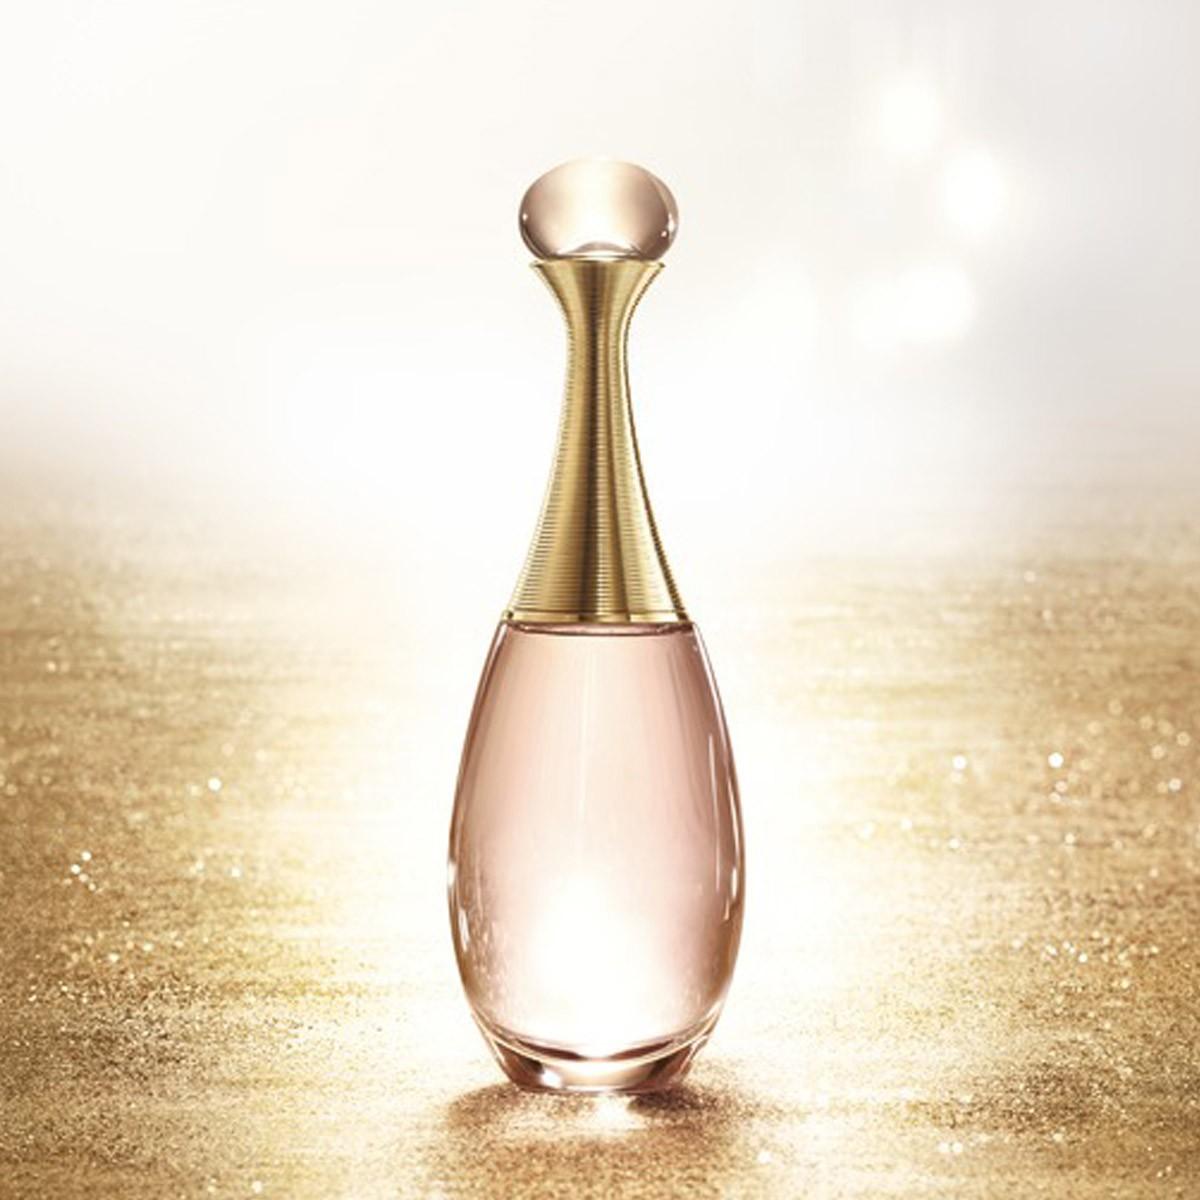 一瞬にして心ひきつける魅惑の香り 「ジャドール オー ルミエール」誕生!